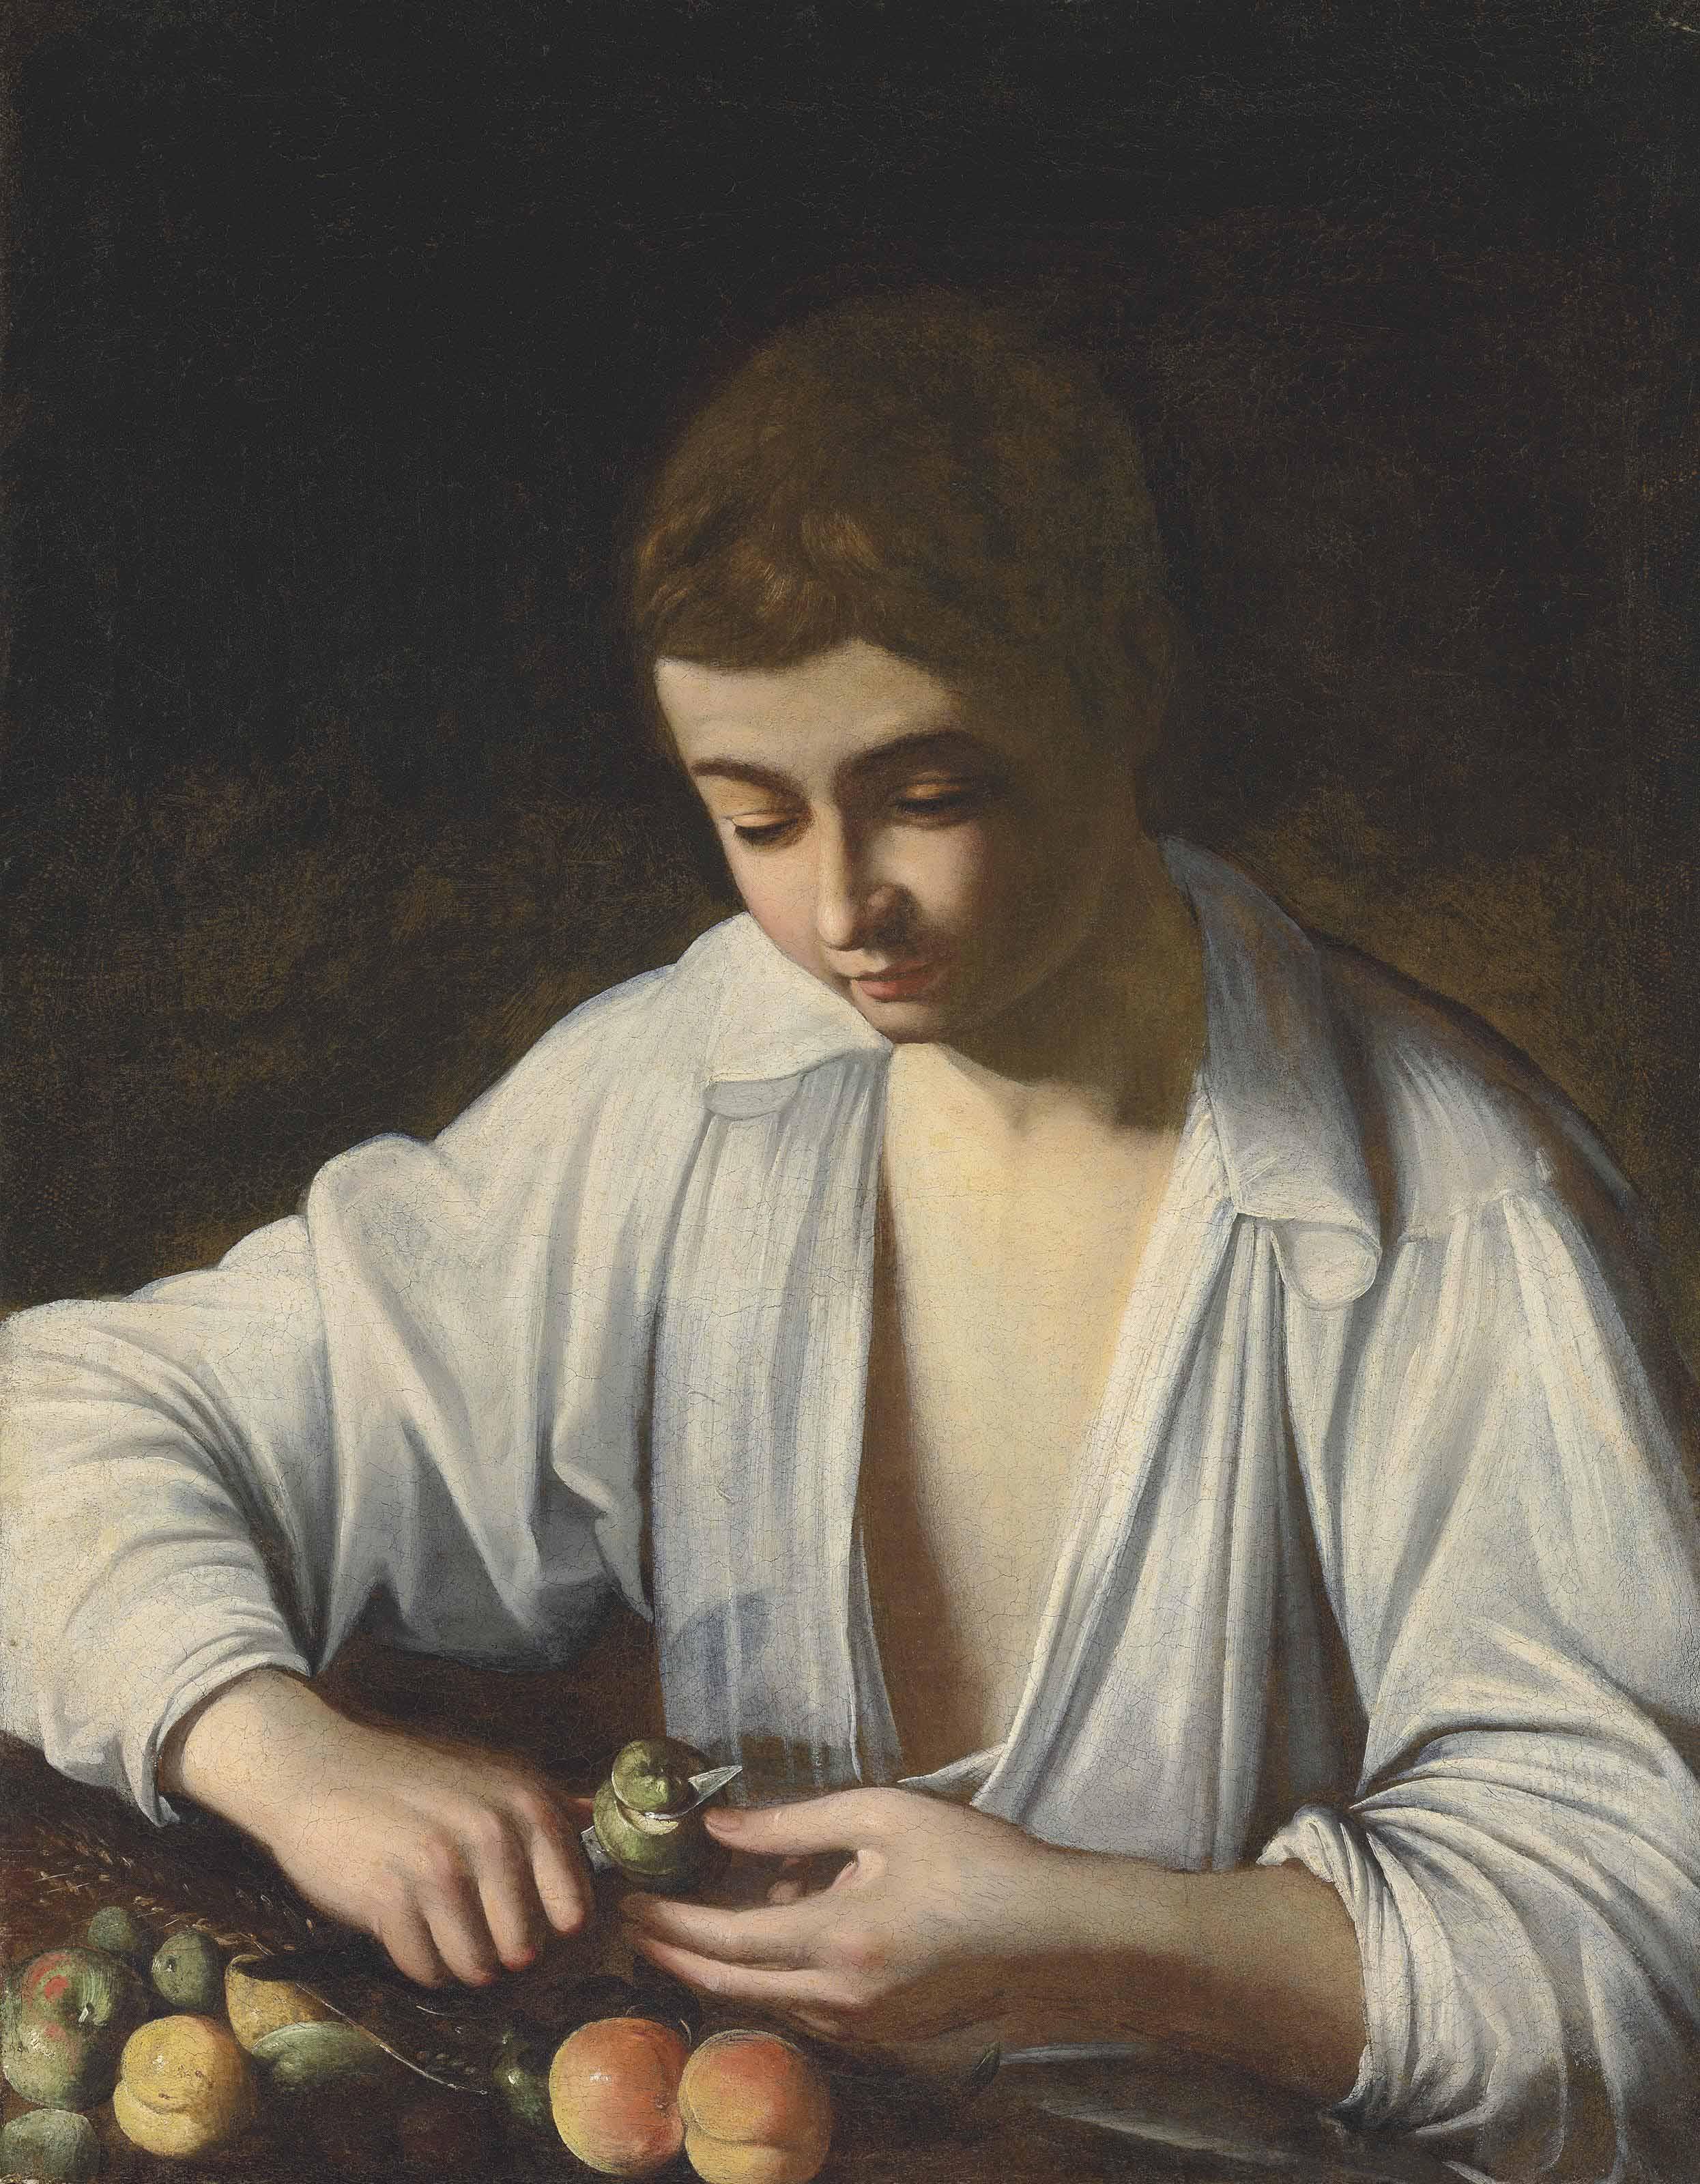 A boy peeling fruit